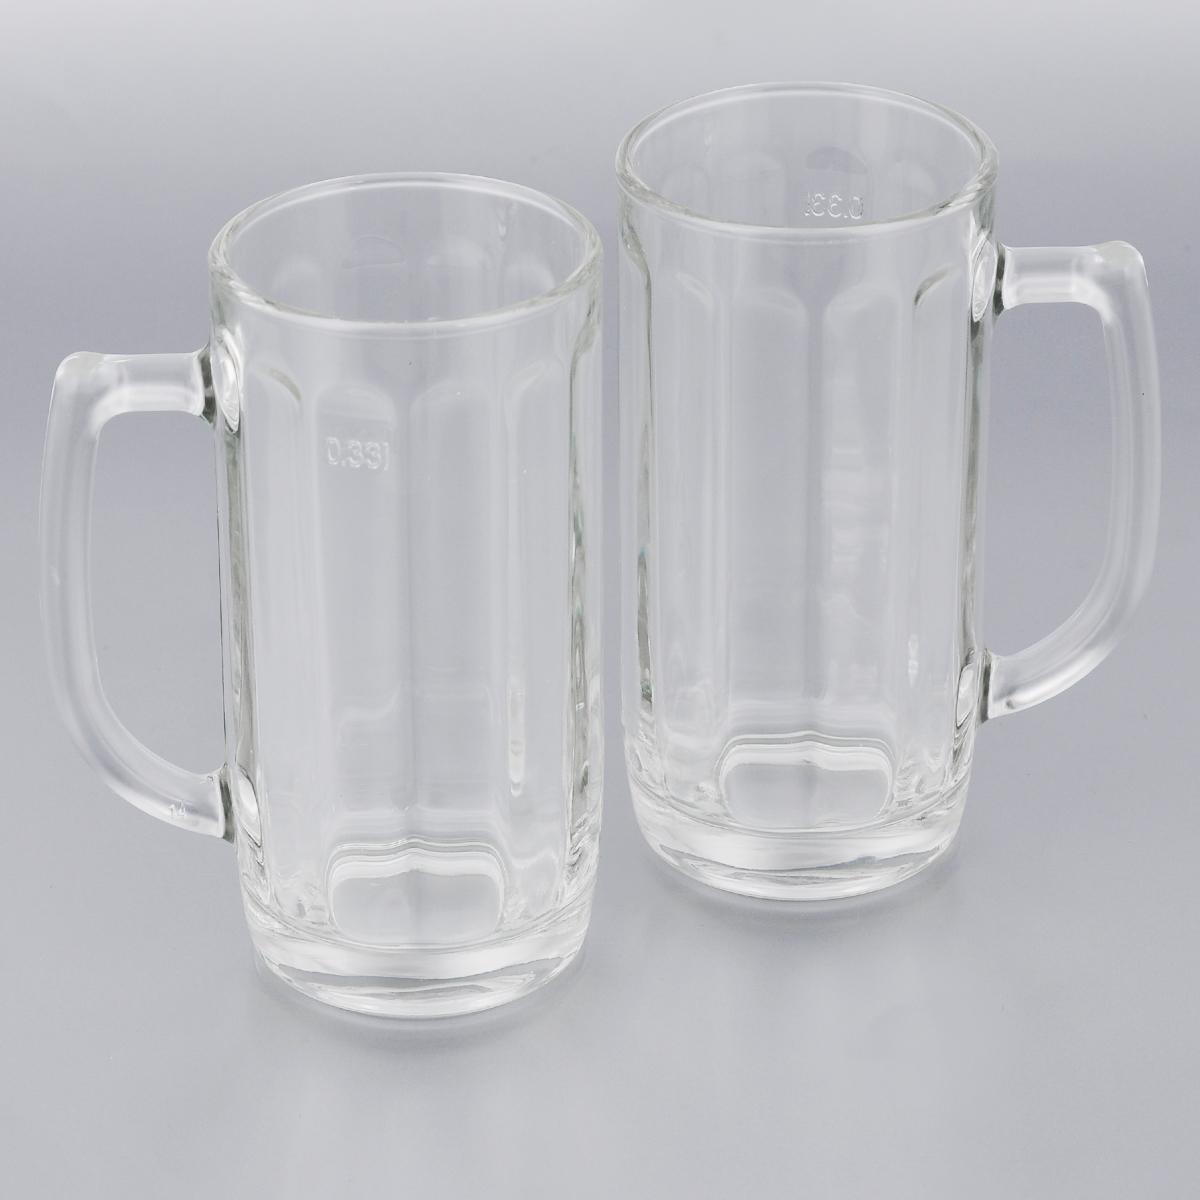 Набор кружек для пива Luminarc Гамбург, 330 мл, 2 штG9174Набор Luminarc Гамбург состоит из двух кружек, выполненных из упрочненного стекла. Кружки предназначены для подачи пива. Они сочетают в себе элегантный дизайн и функциональность. Грани кружек подчеркнут цвет напитка, а толщина стенок поможет сохранить пиво прохладным. Благодаря такому набору кружек пить напитки будет еще приятнее.Набор кружек для пива Luminarc Гамбург идеально подойдет для сервировки стола и станет отличным подарком к любому празднику. Можно мыть в посудомоечной машине.Диаметр кружек: 7 см.Высота кружек: 15 см.